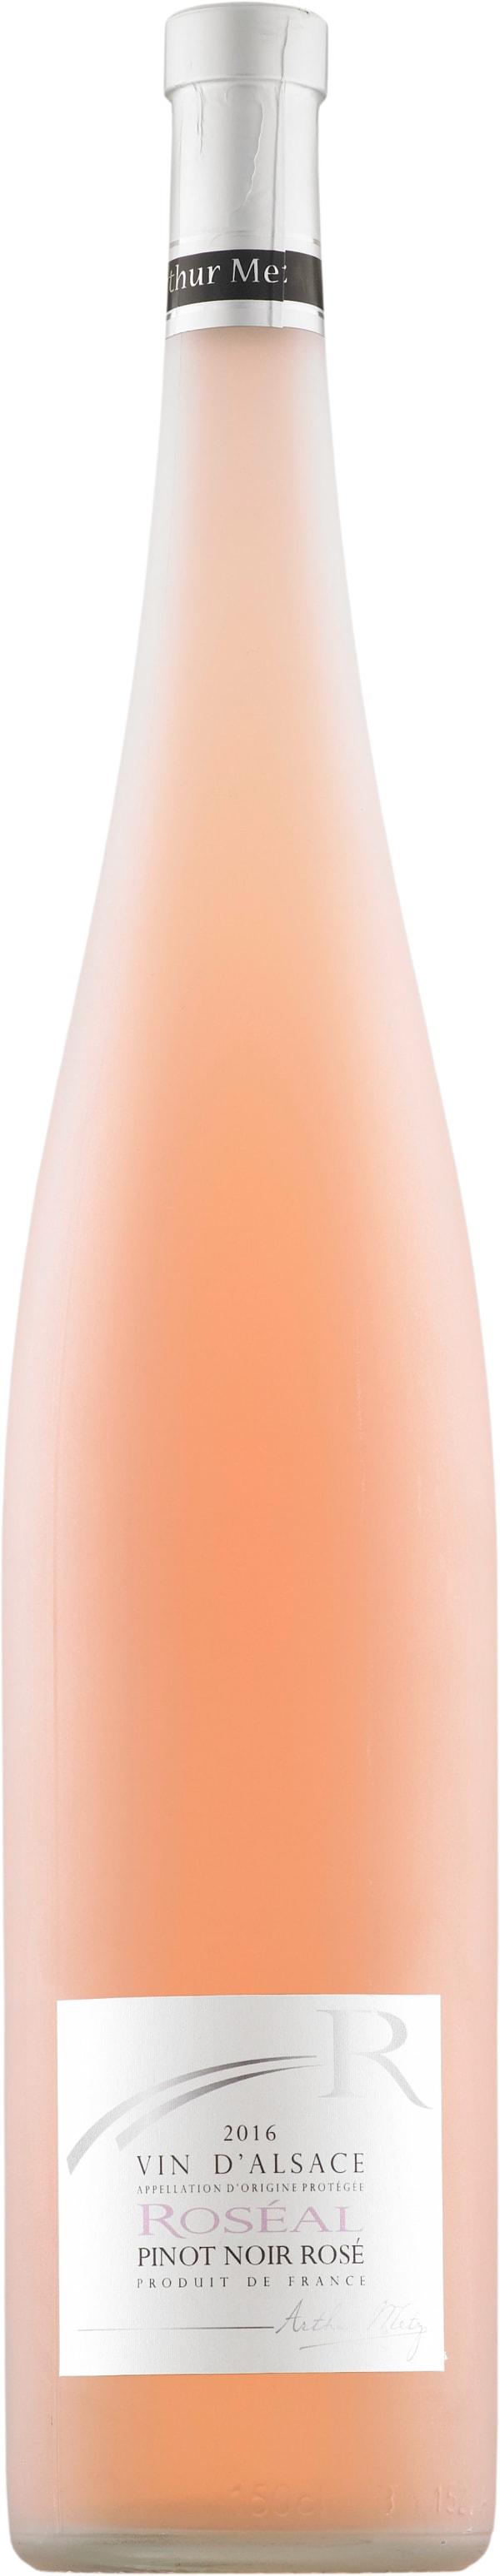 Arthur Metz Roseal Pinot Noir Rosé 2016